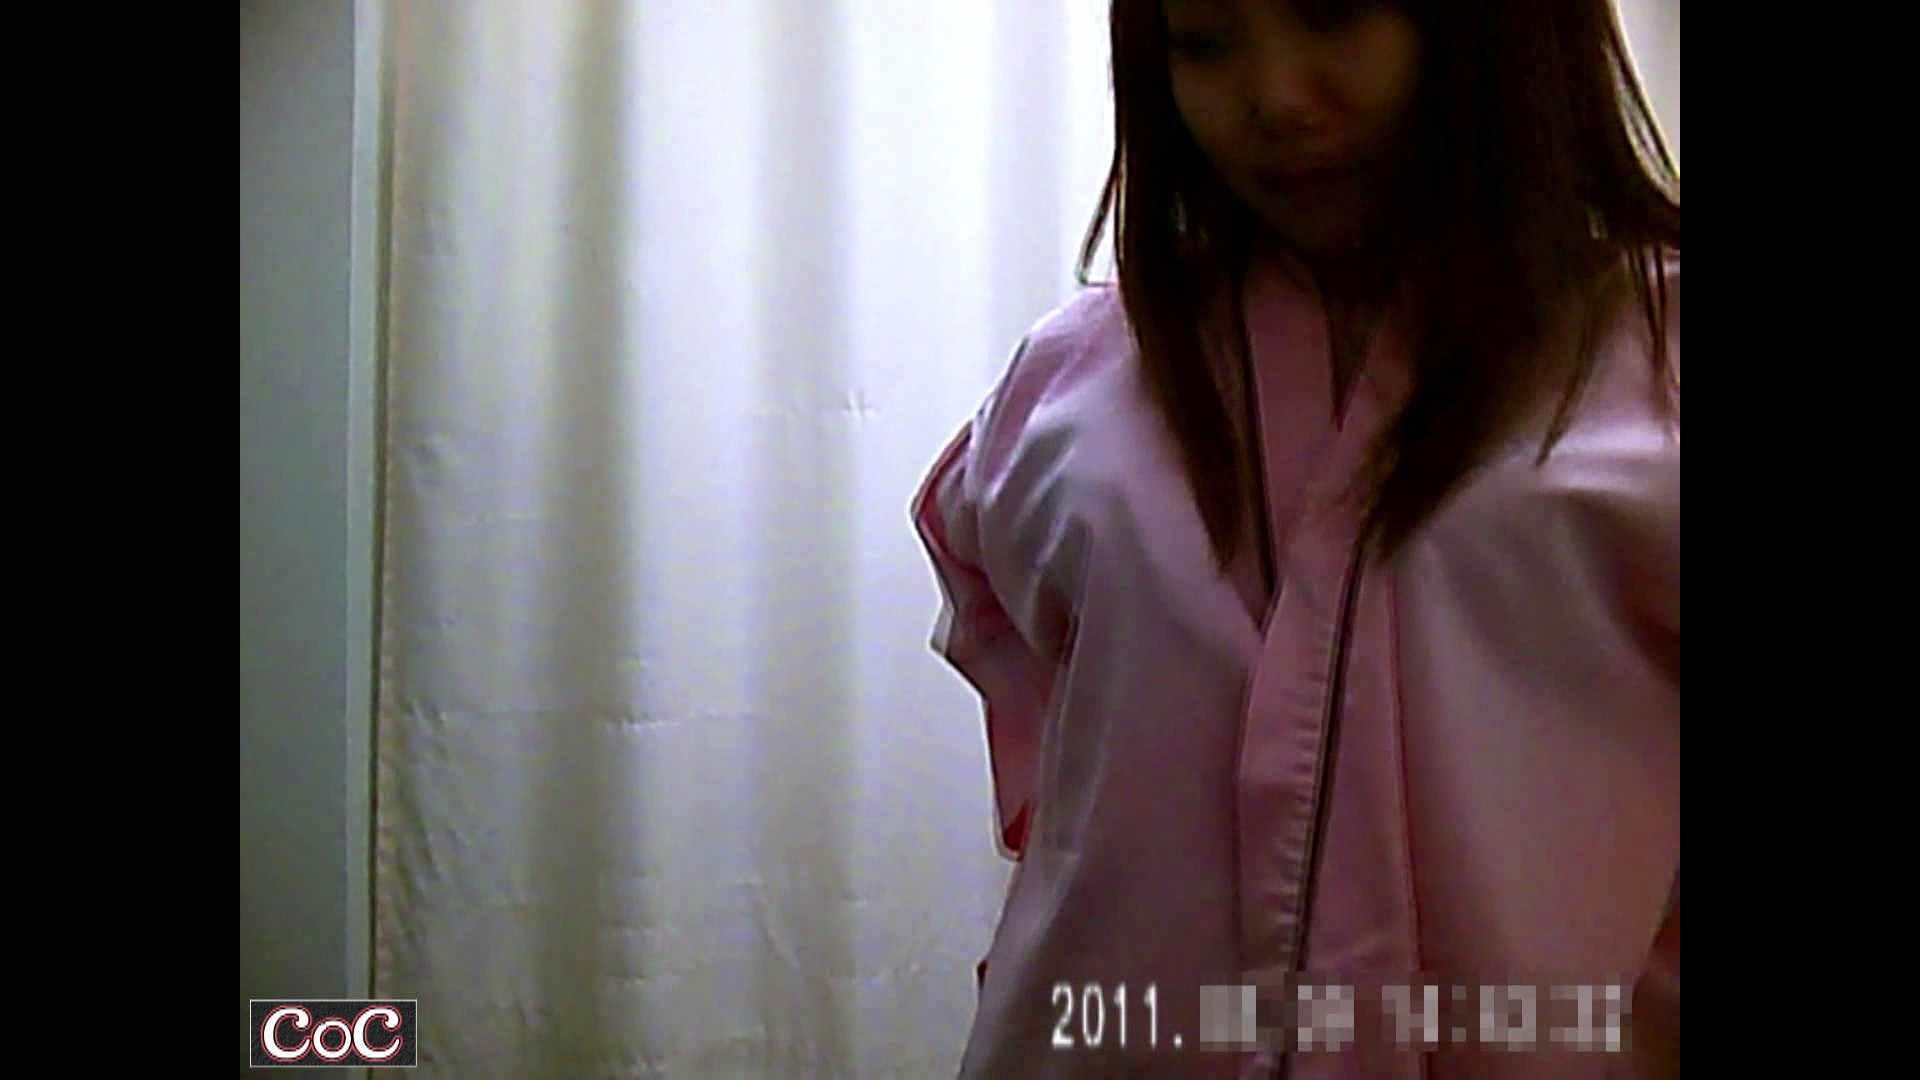 病院おもいっきり着替え! vol.13 貧乳 隠し撮りオマンコ動画紹介 69画像 69